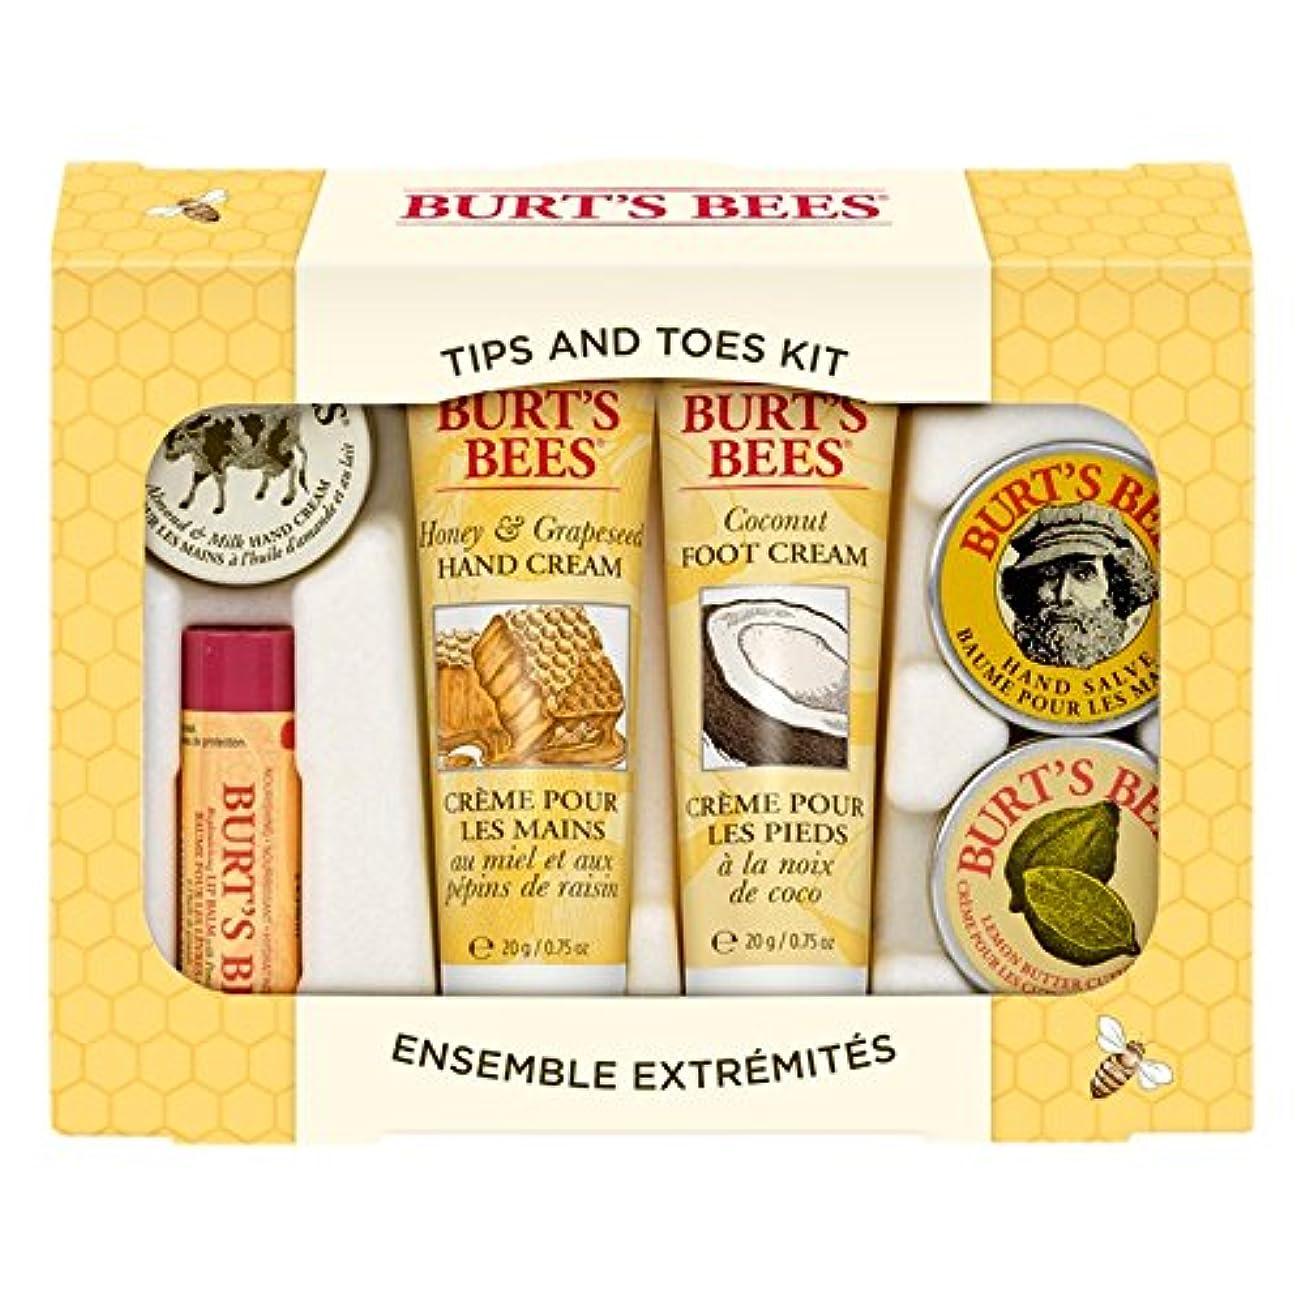 見分ける別々に著作権バーツビーのヒントとつま先はスターターキットをスキンケア (Burt's Bees) (x6) - Burt's Bees Tips And Toes Skincare Starter Kit (Pack of 6) [...